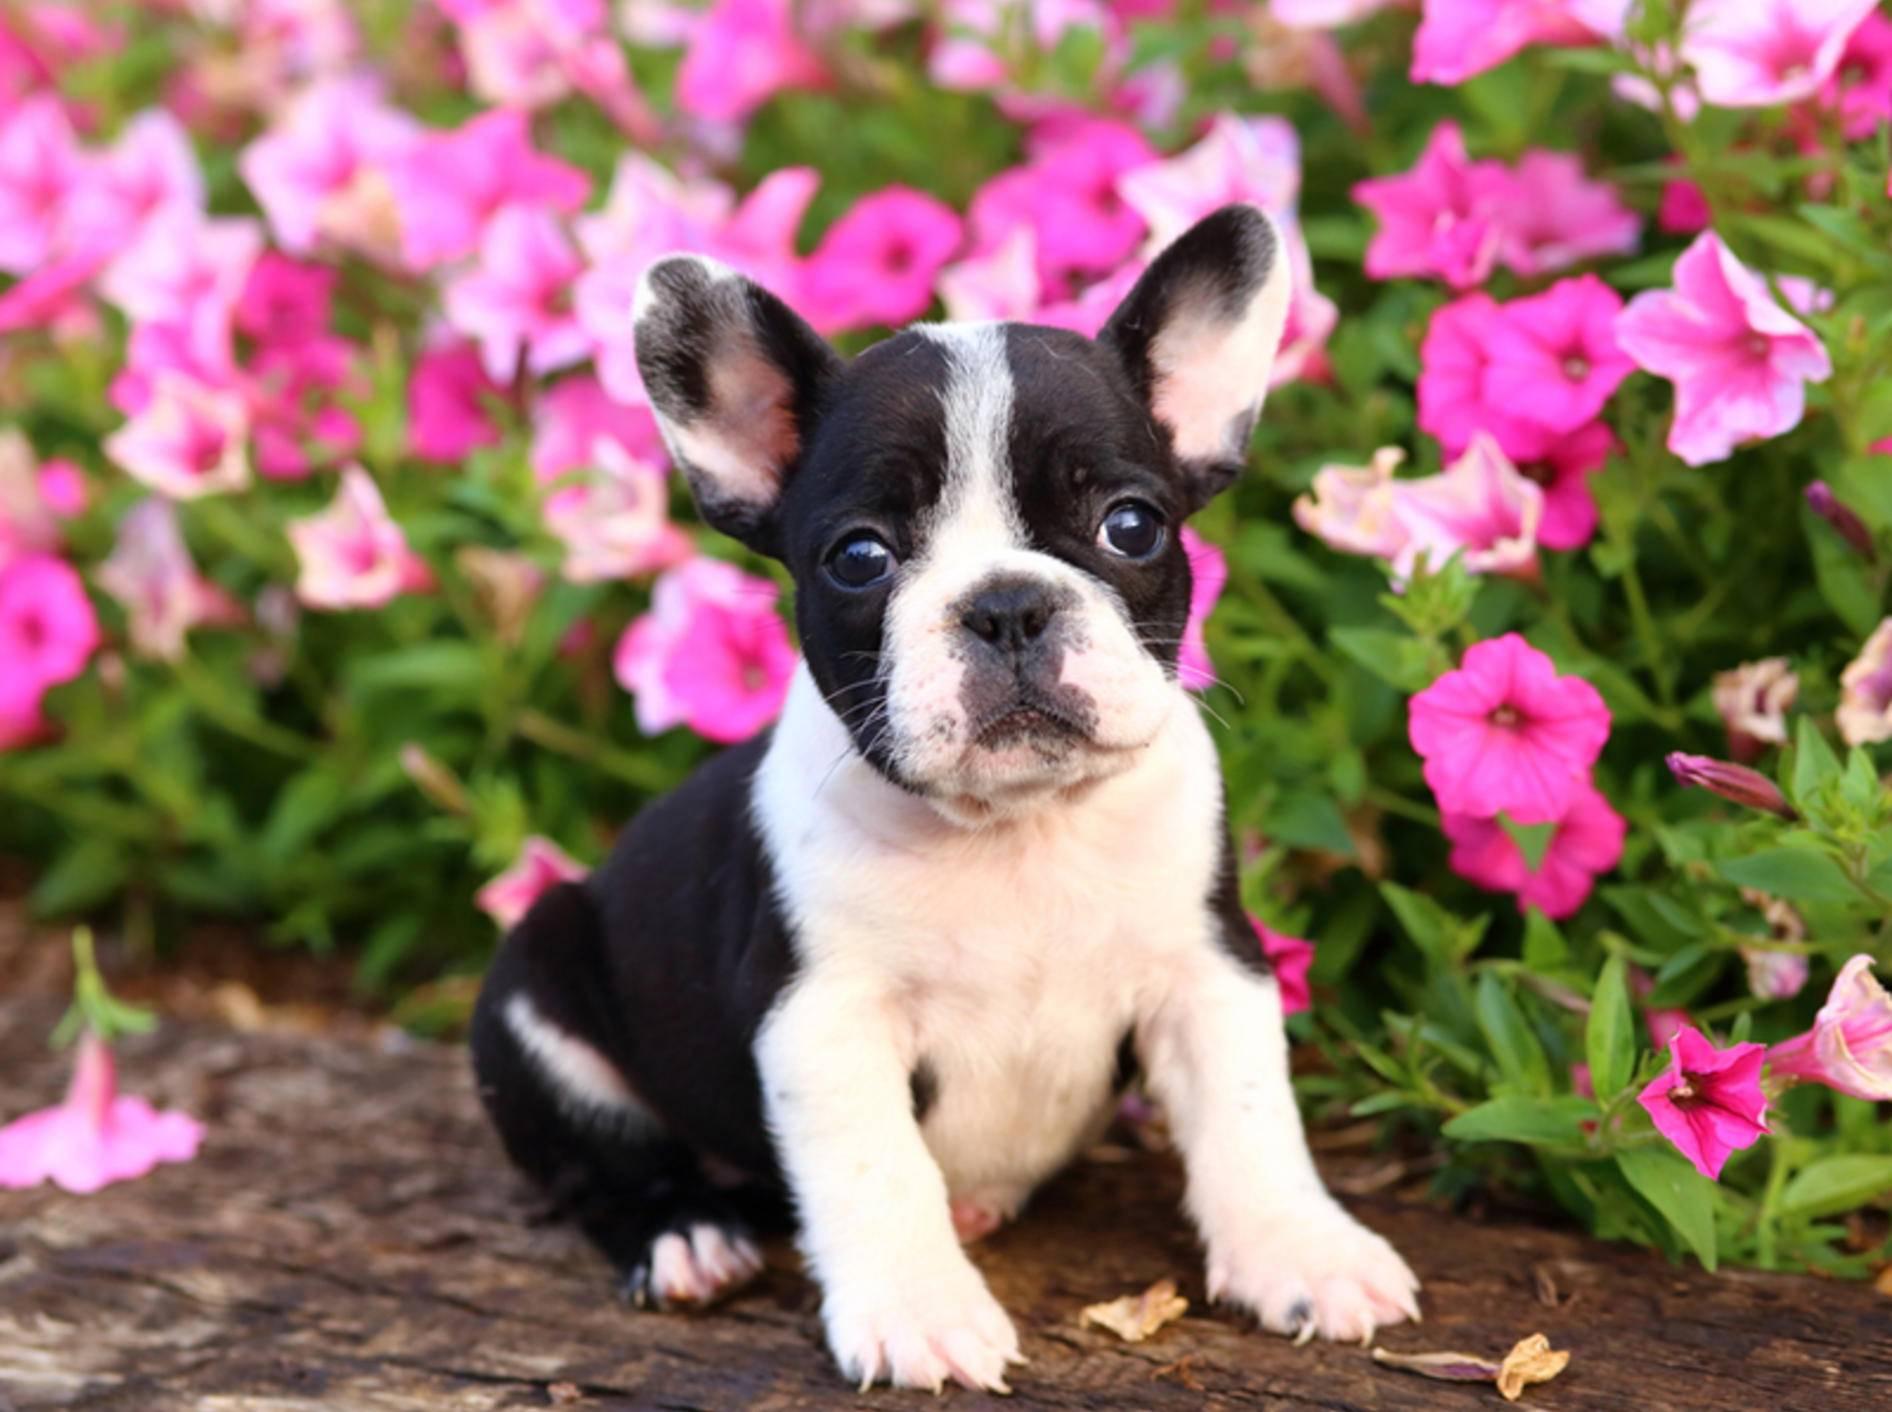 Die Welpen der französischen Bulldogge brauchen viel Pflege – Bild: Shutterstock / JLSnader